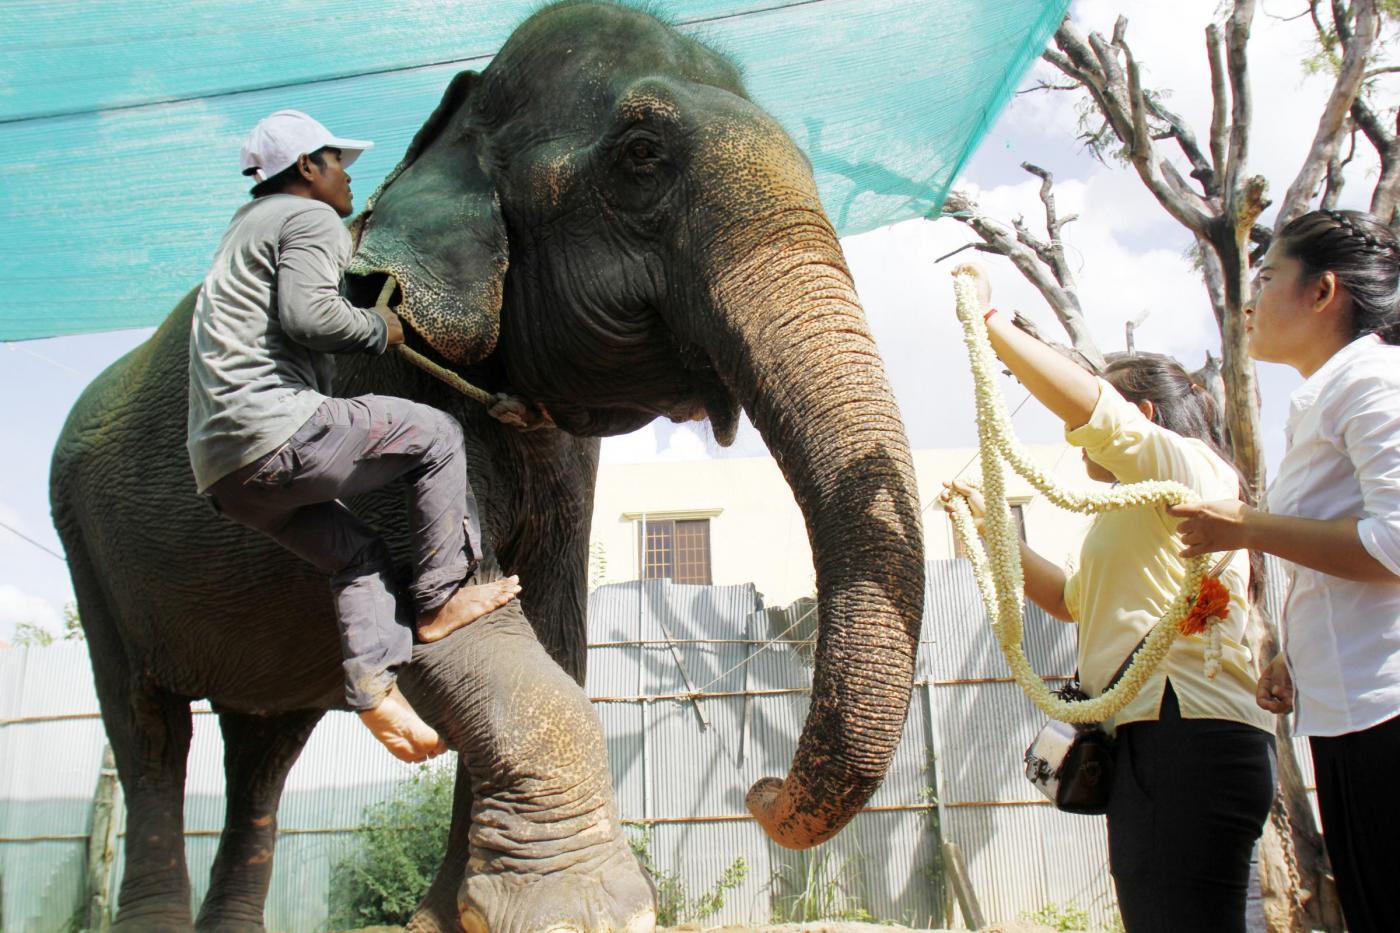 E' morta Sambo, l'elefante usato per far divertire i turisti in Cambogia